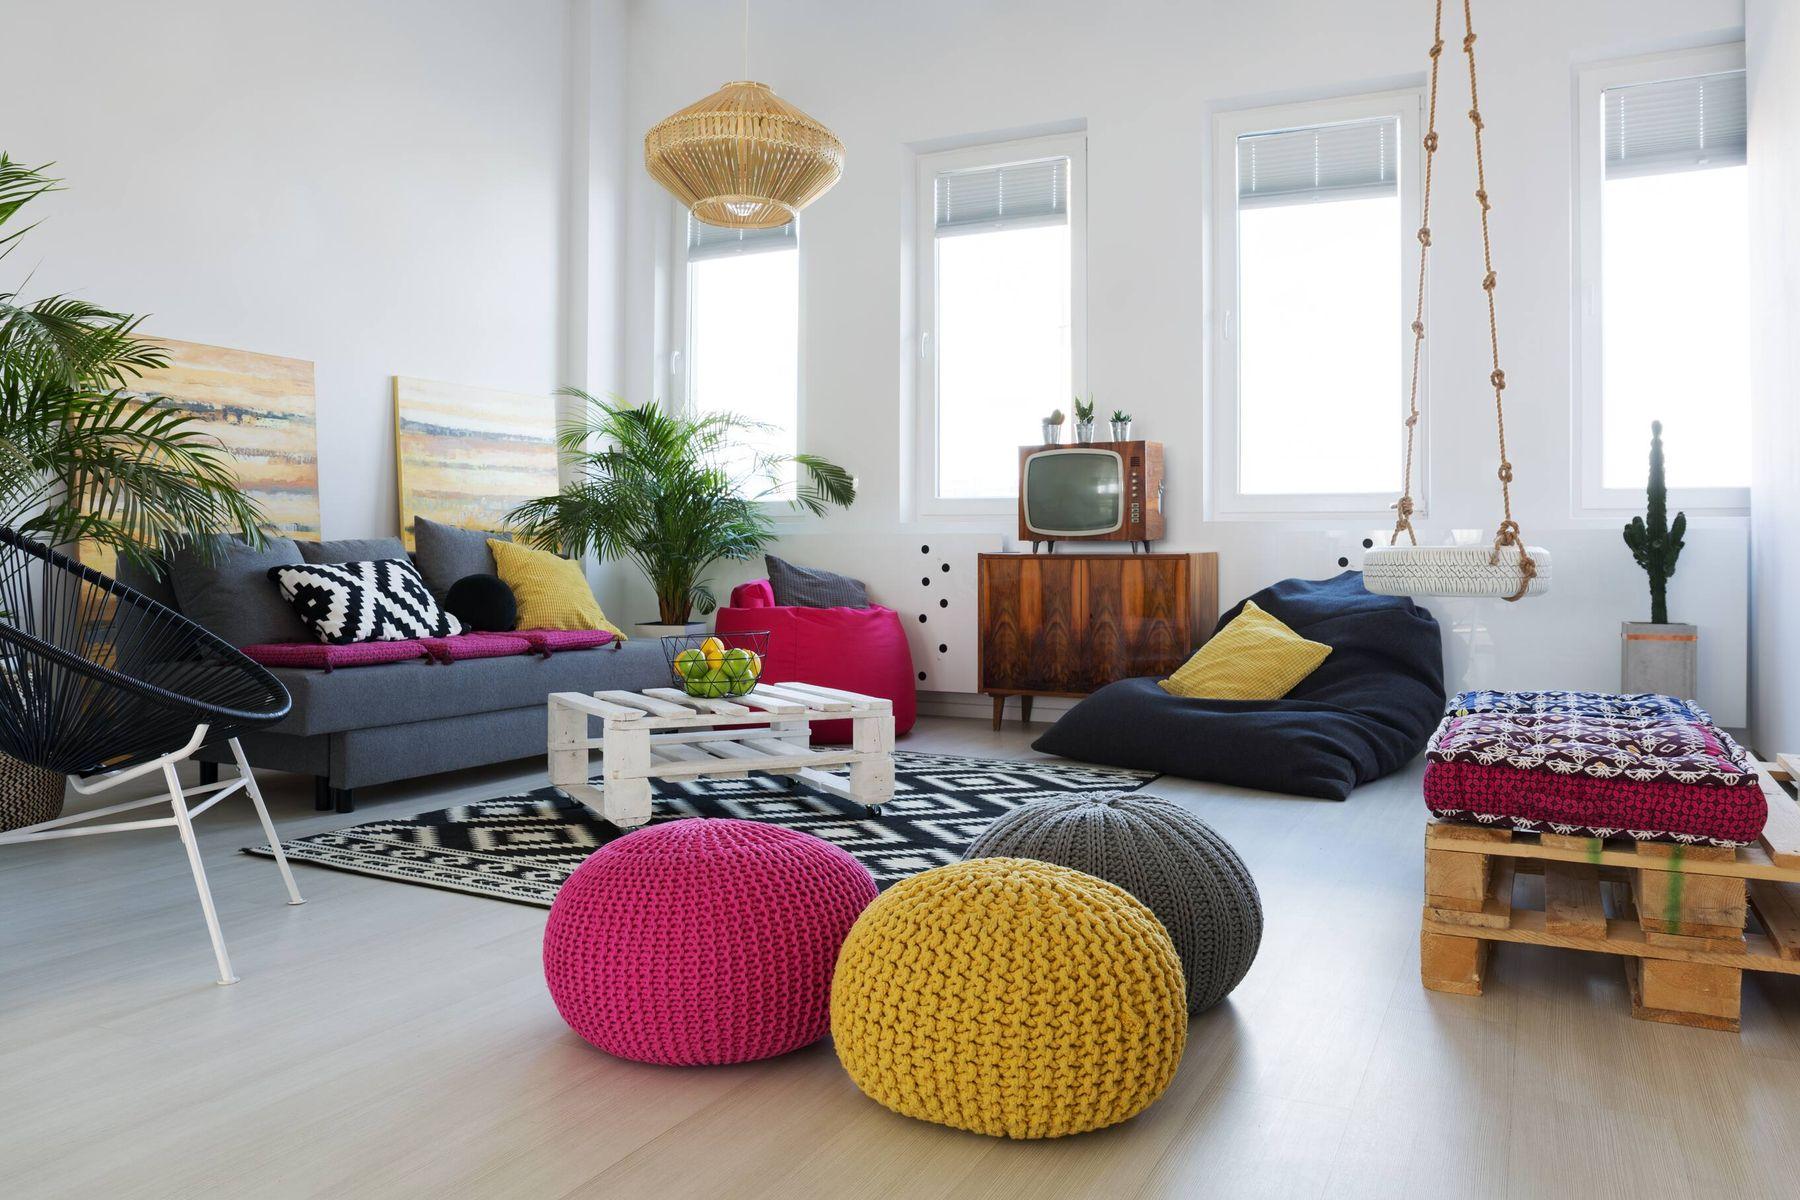 आरामदायक बीन बैग को घर बैठे कैसे करें साफ़ | गेट सेट क्लीन